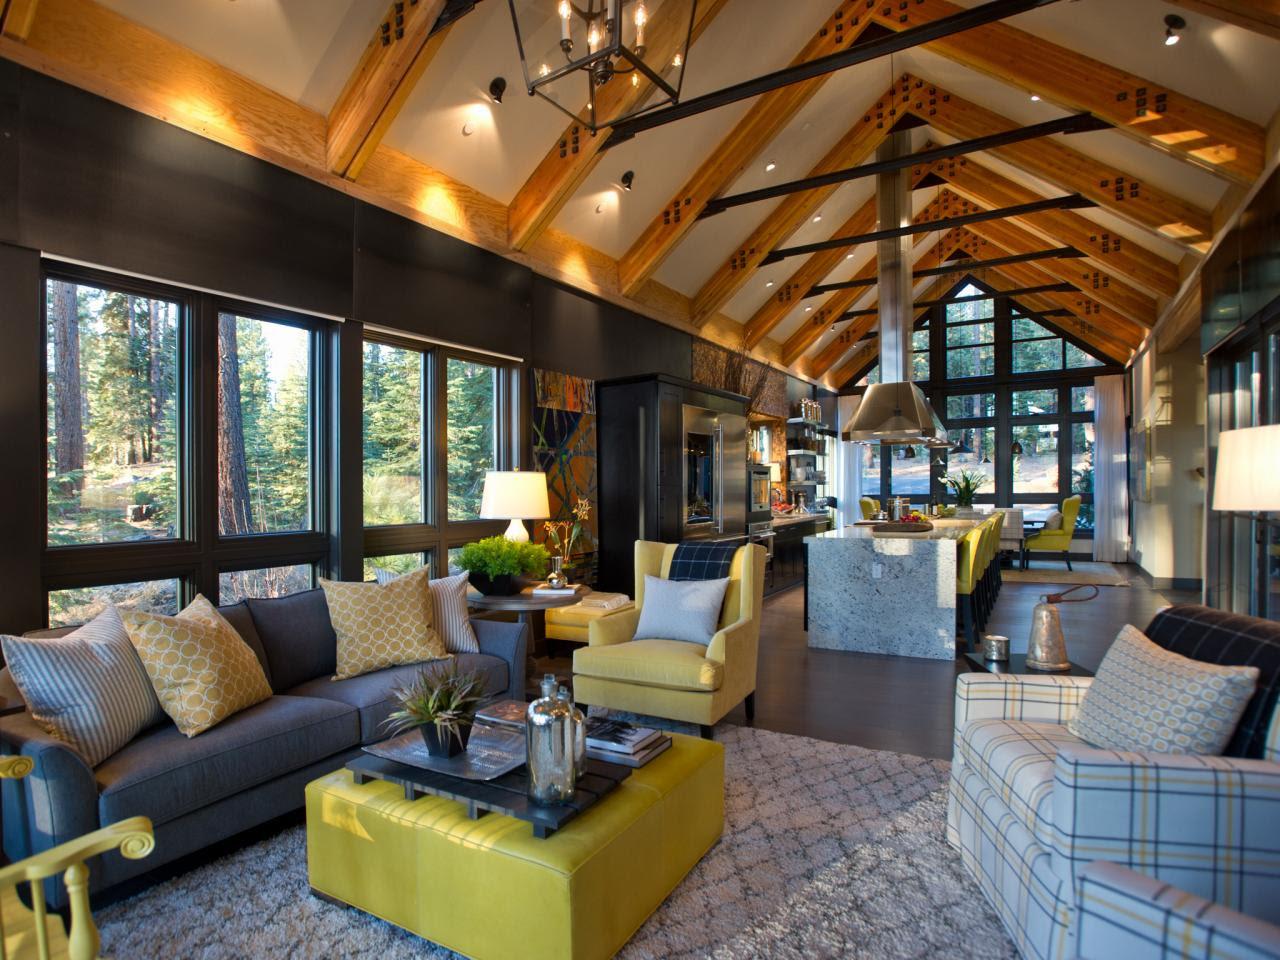 DH2014_living room 12 EPP8985 Living room toward kitchen_h